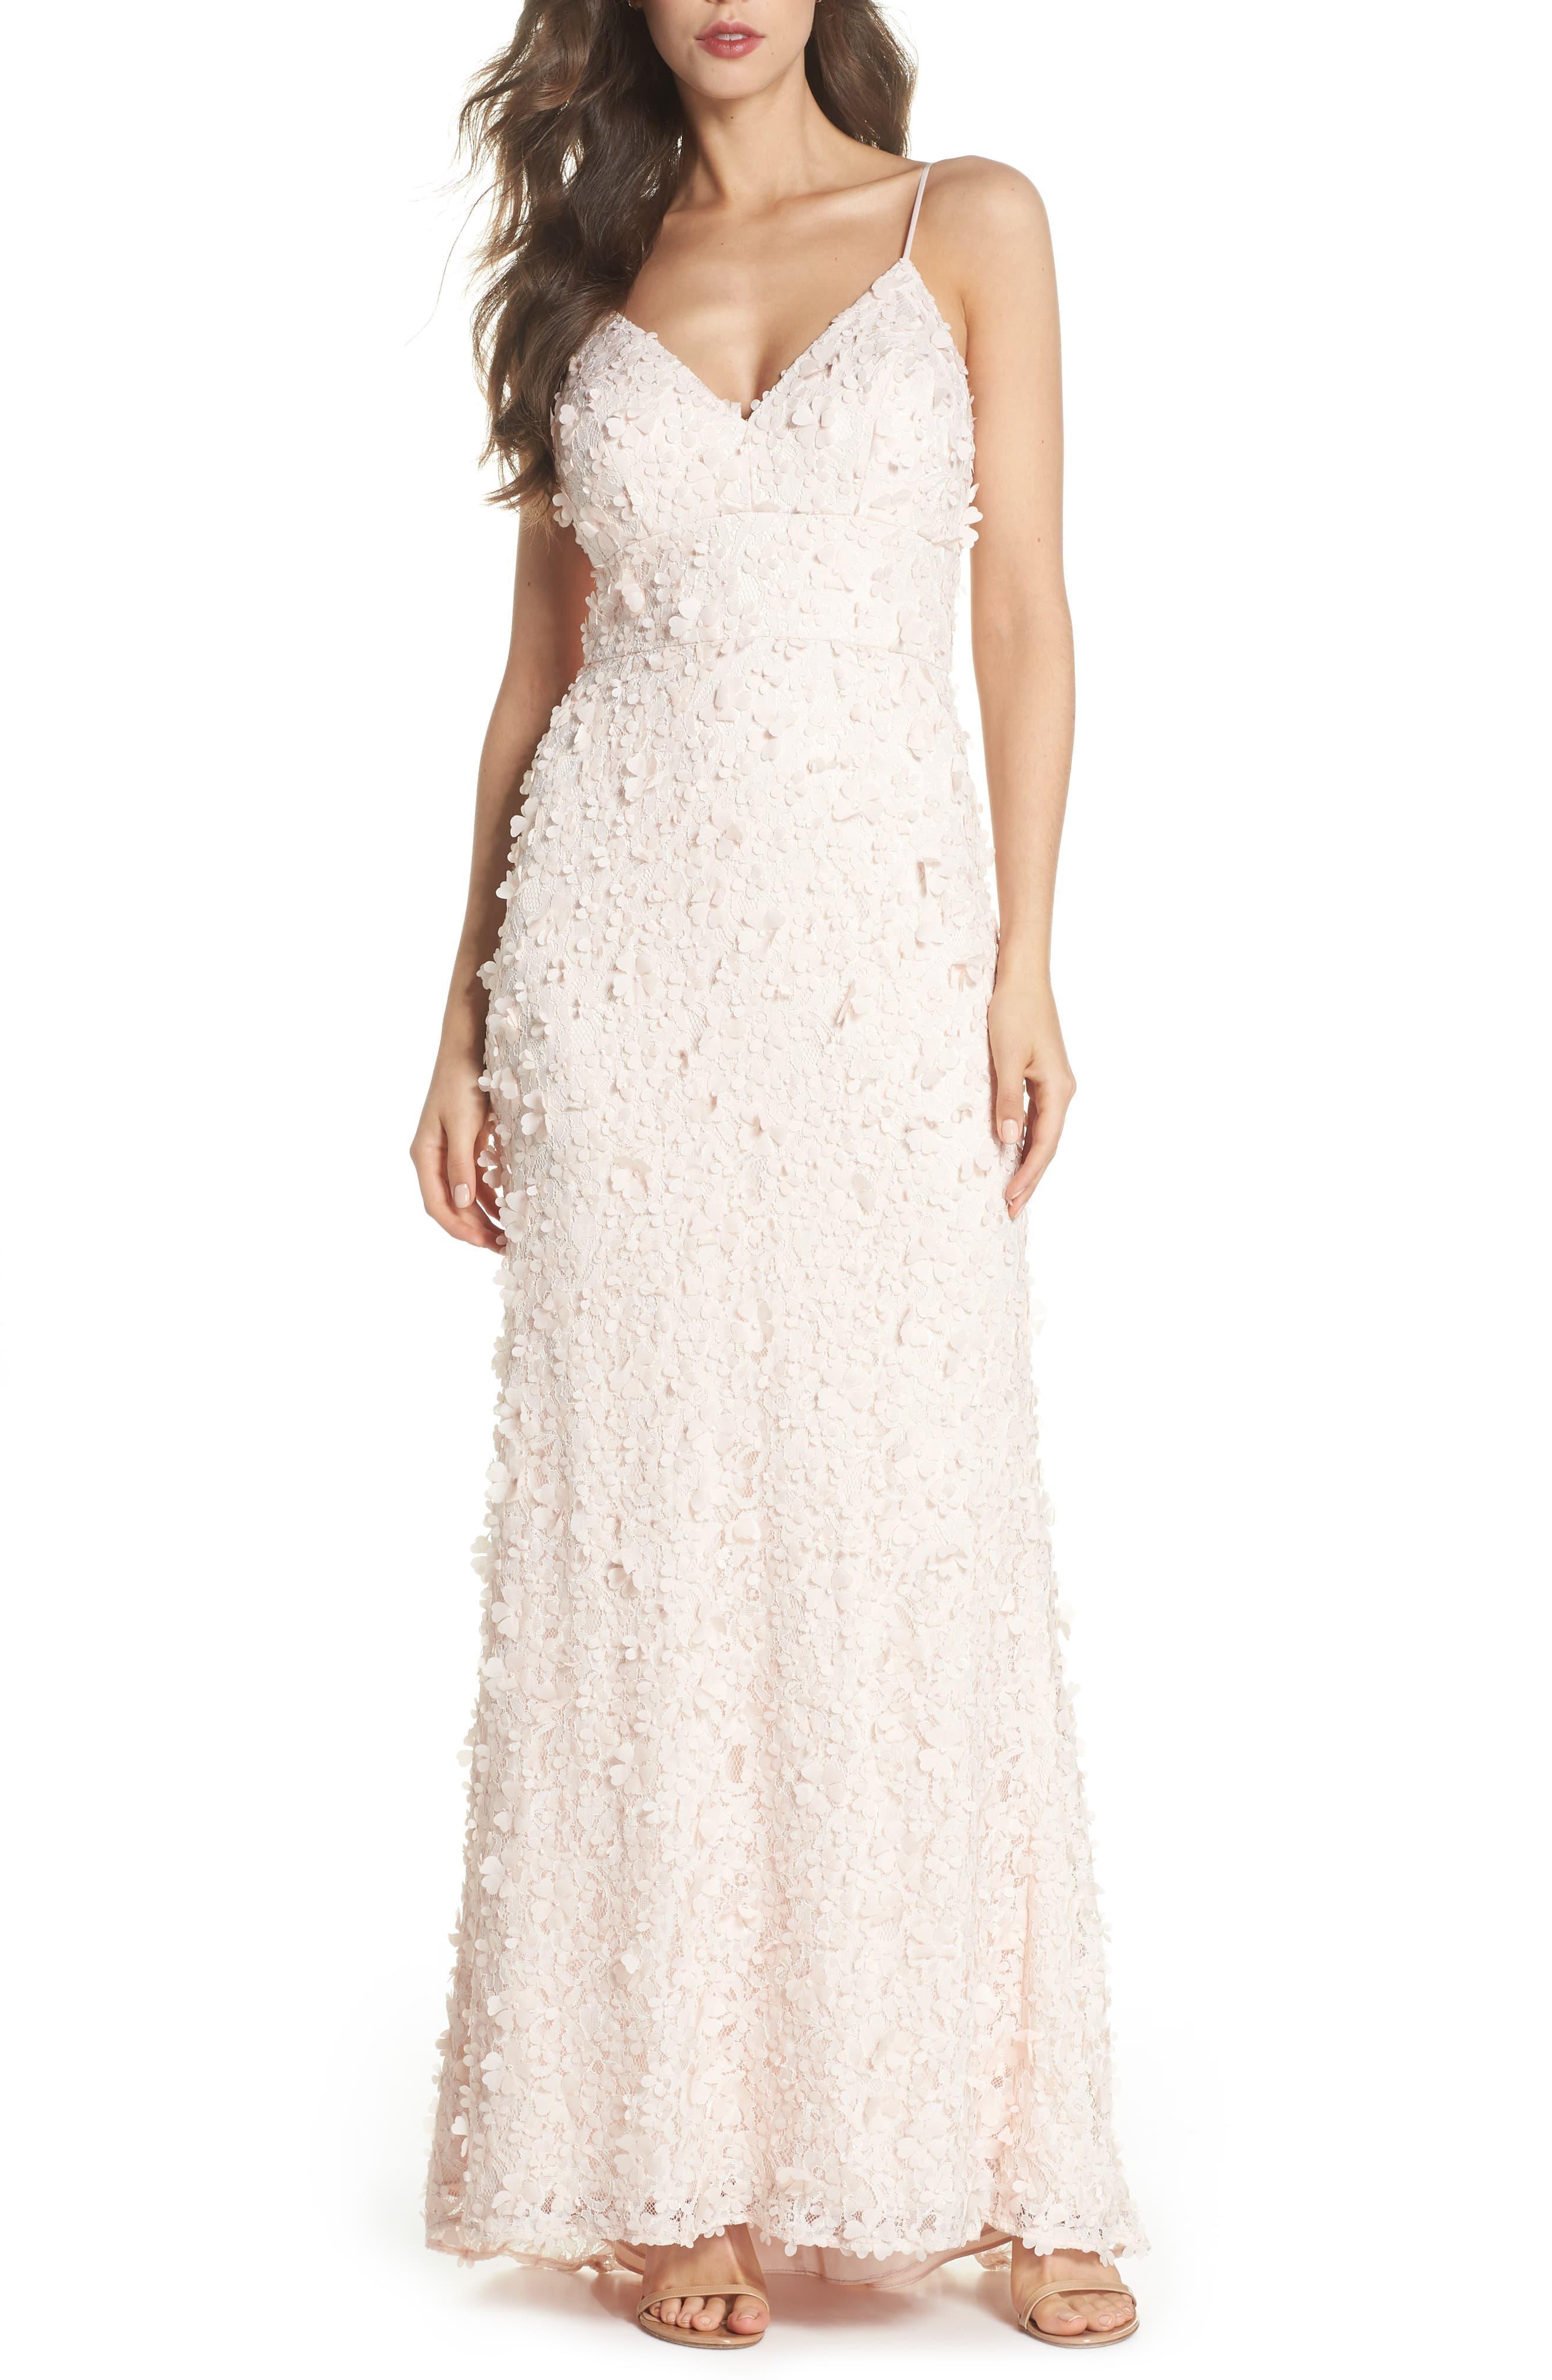 0d16fb33305 Eliza J Floral Appliqué Lace Gown - Save 54% - Lyst